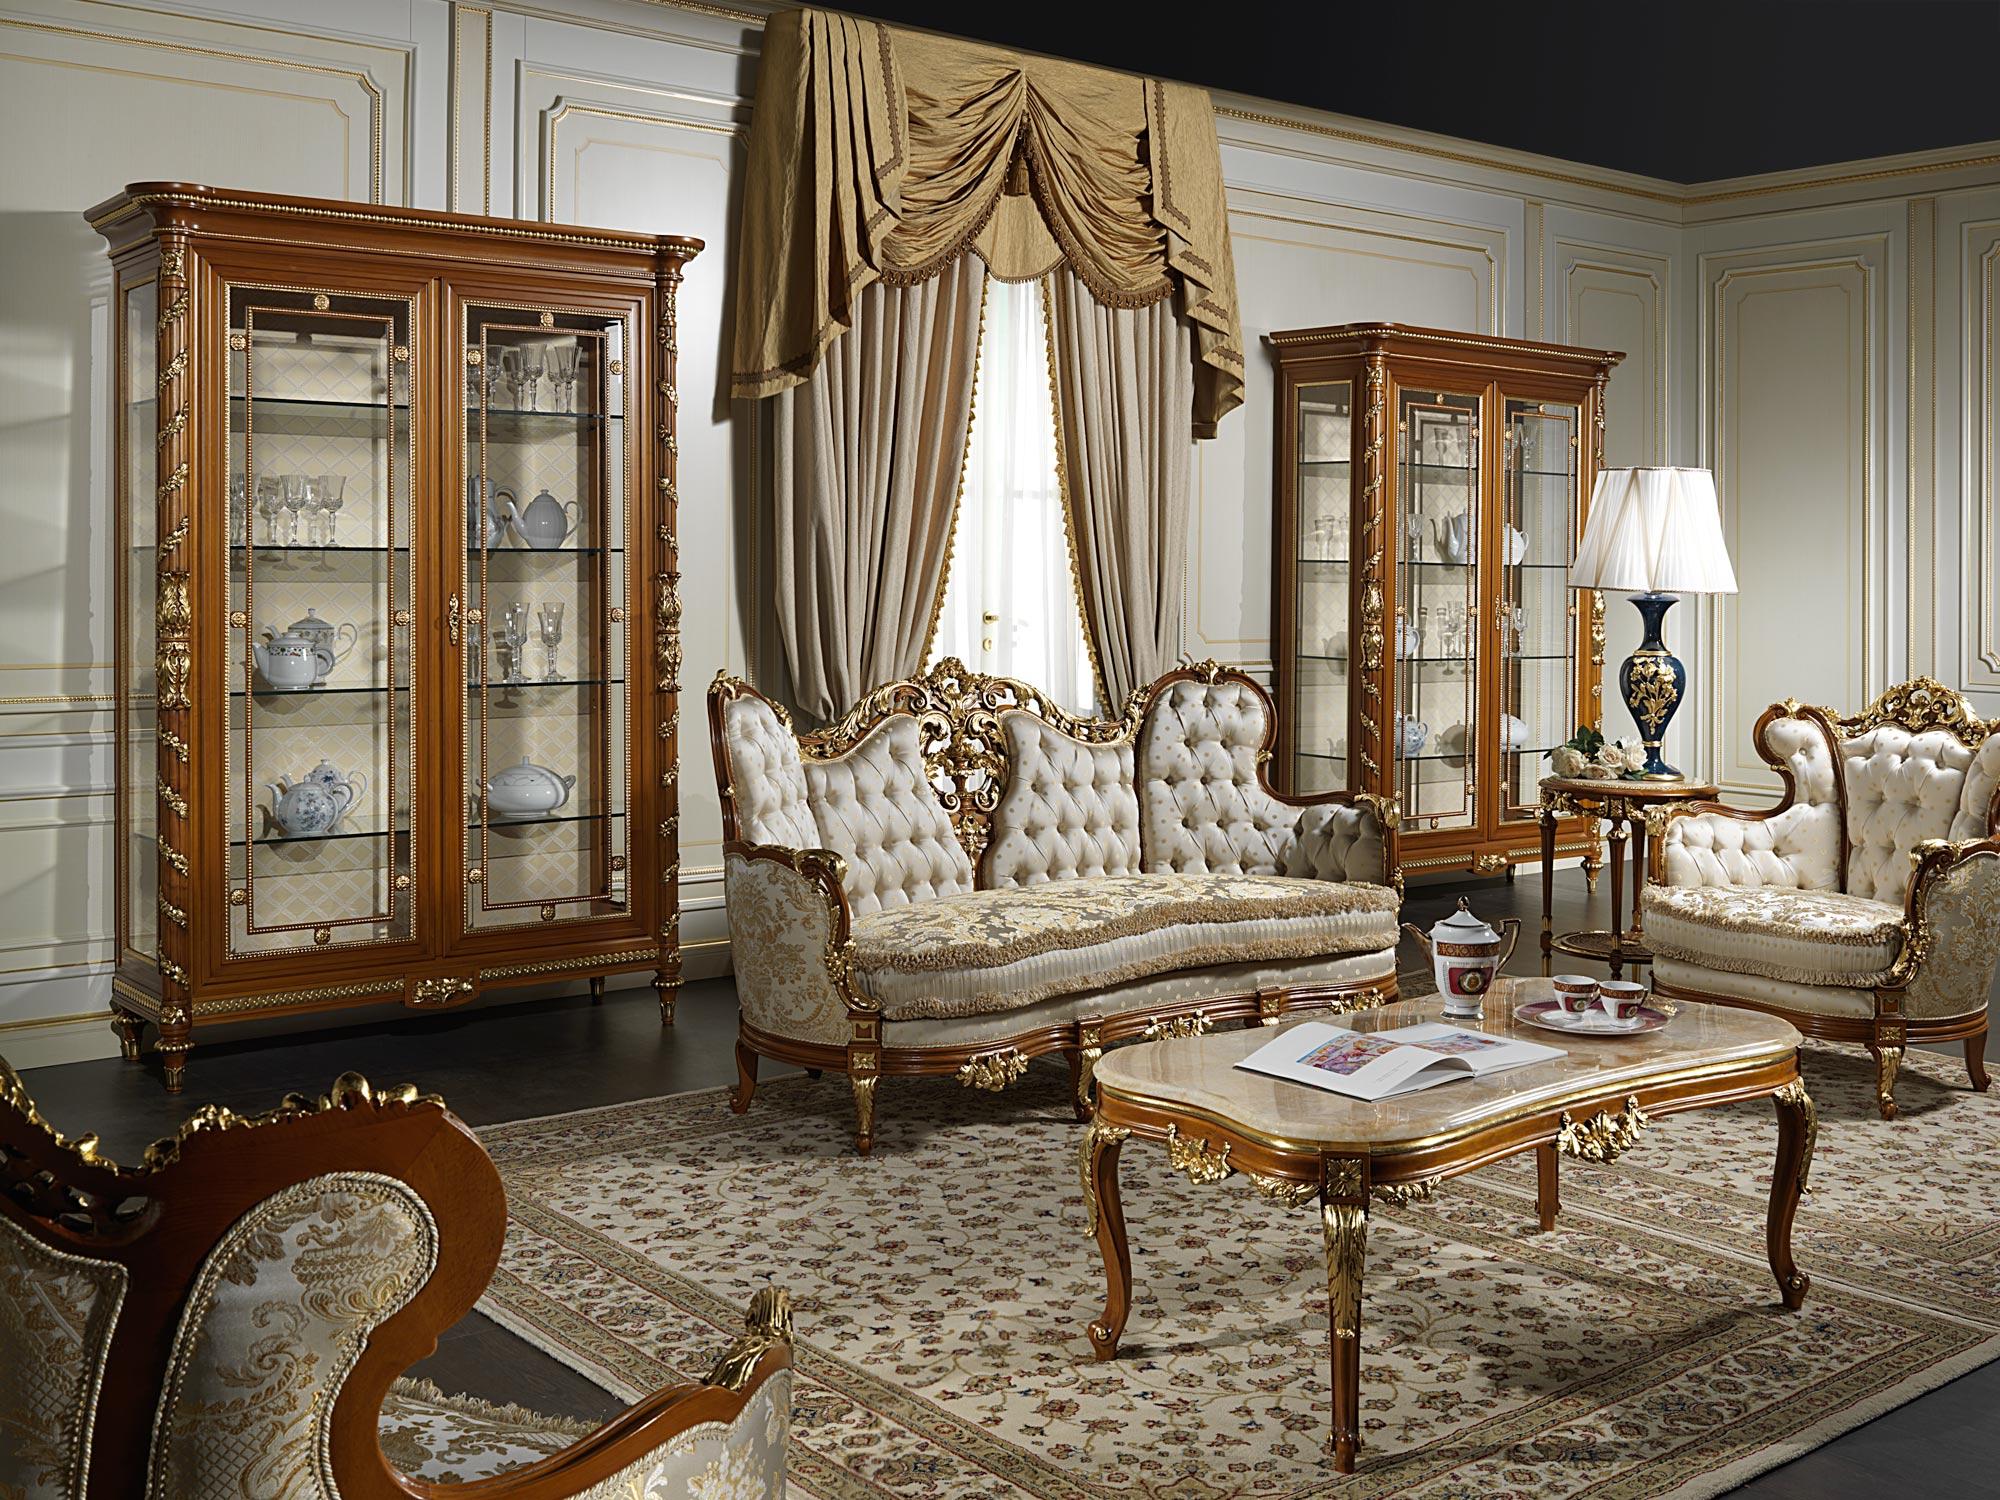 Salotto di lusso 800 vimercati meda for Salotto mobili